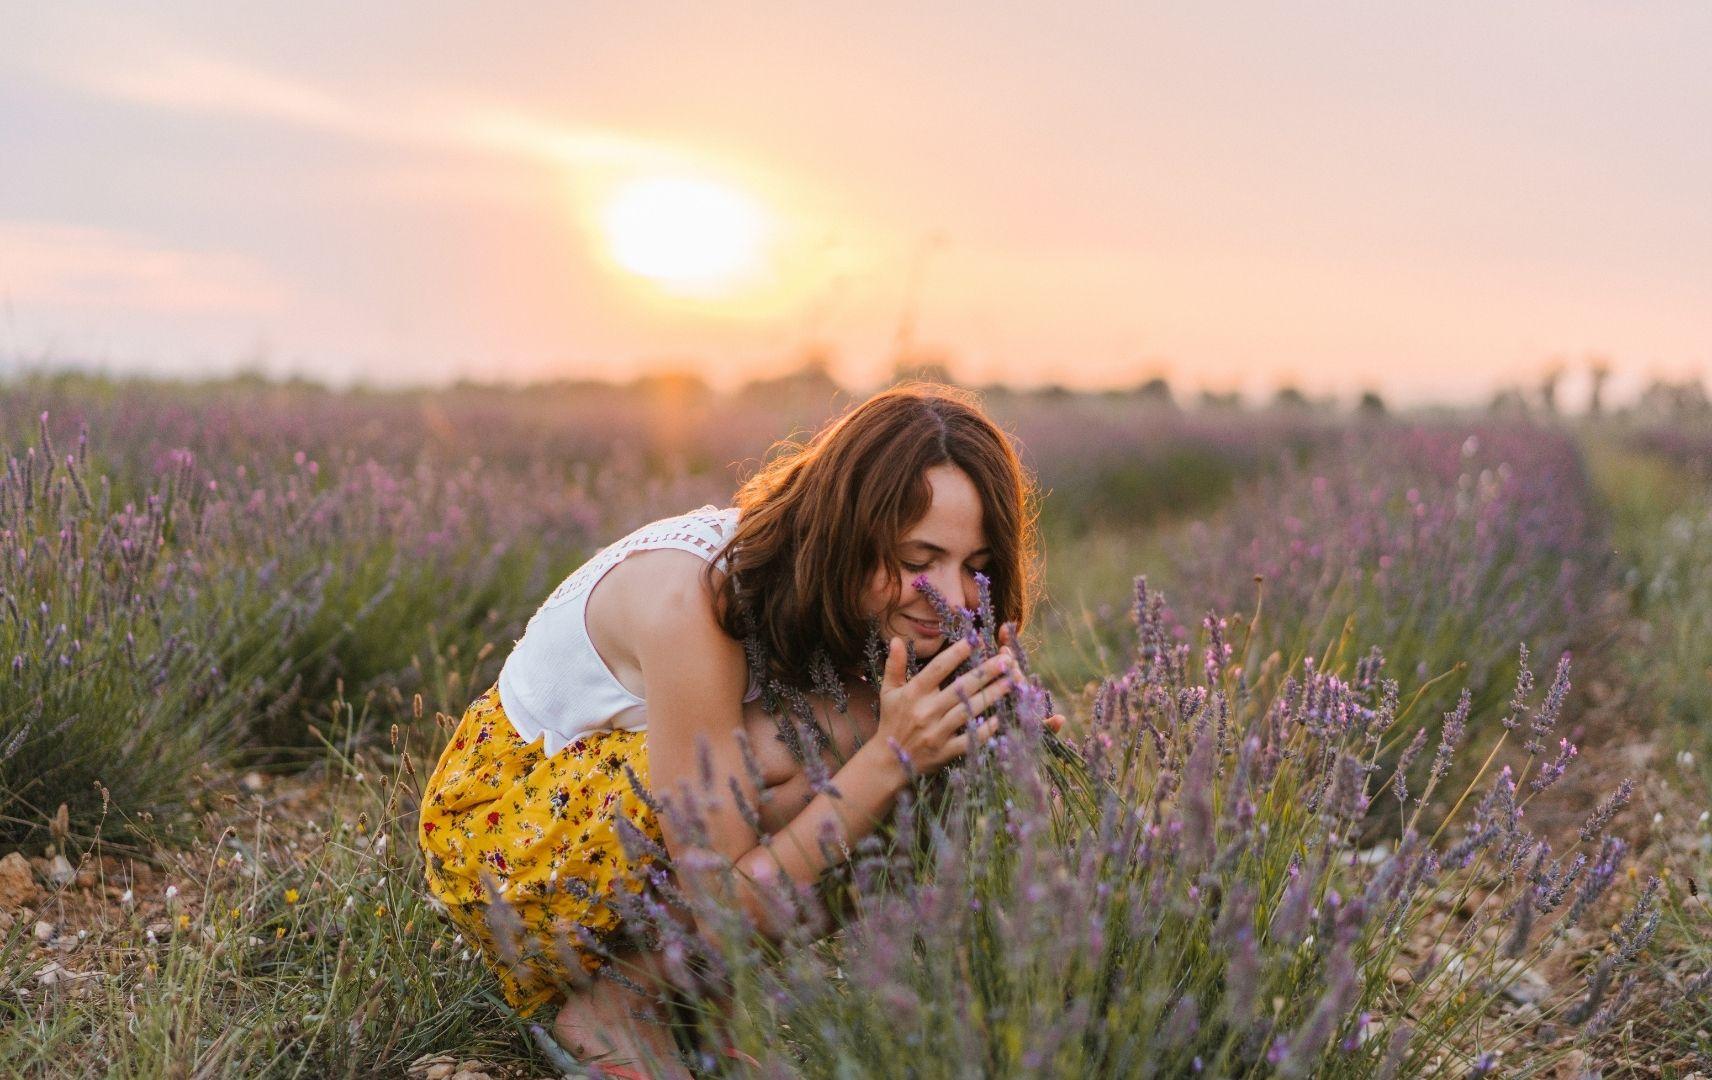 Frankreich Urlaub - Frau auf Lavendelfeld